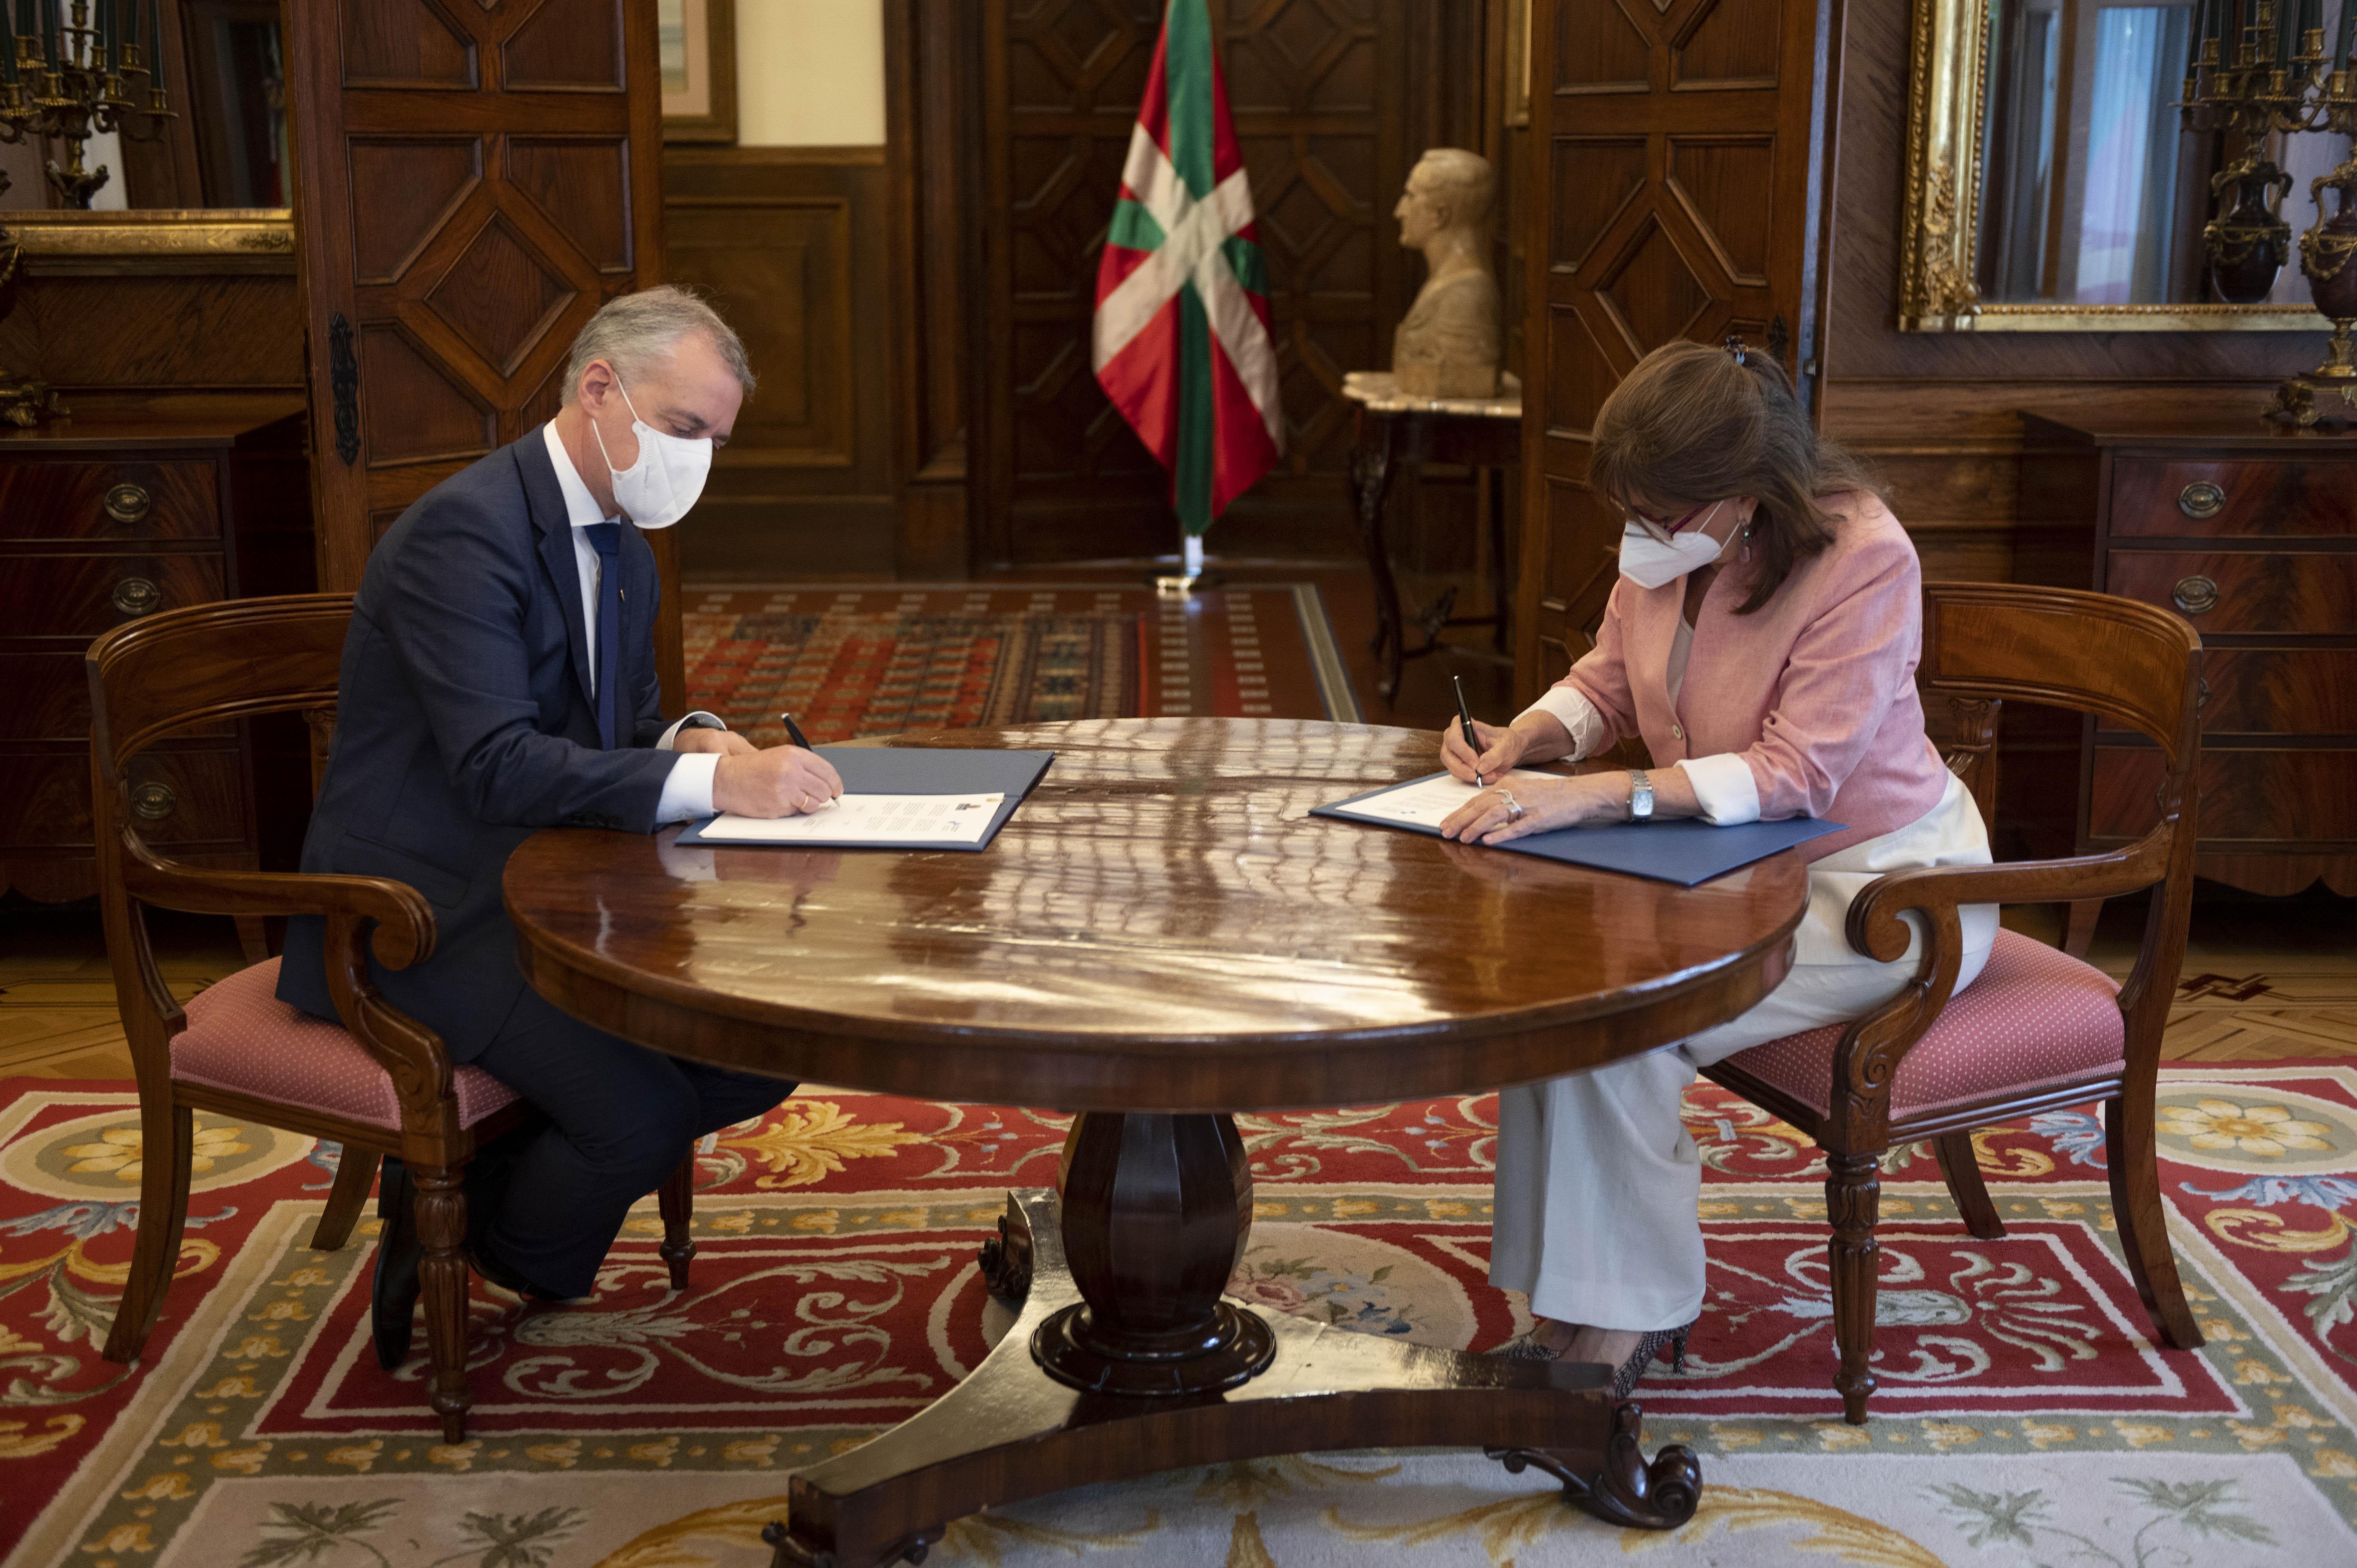 El Gobierno Vasco y la Secretaría General Iberoamericana colaborarán para desarrollar la Agenda 2030 [2:04]